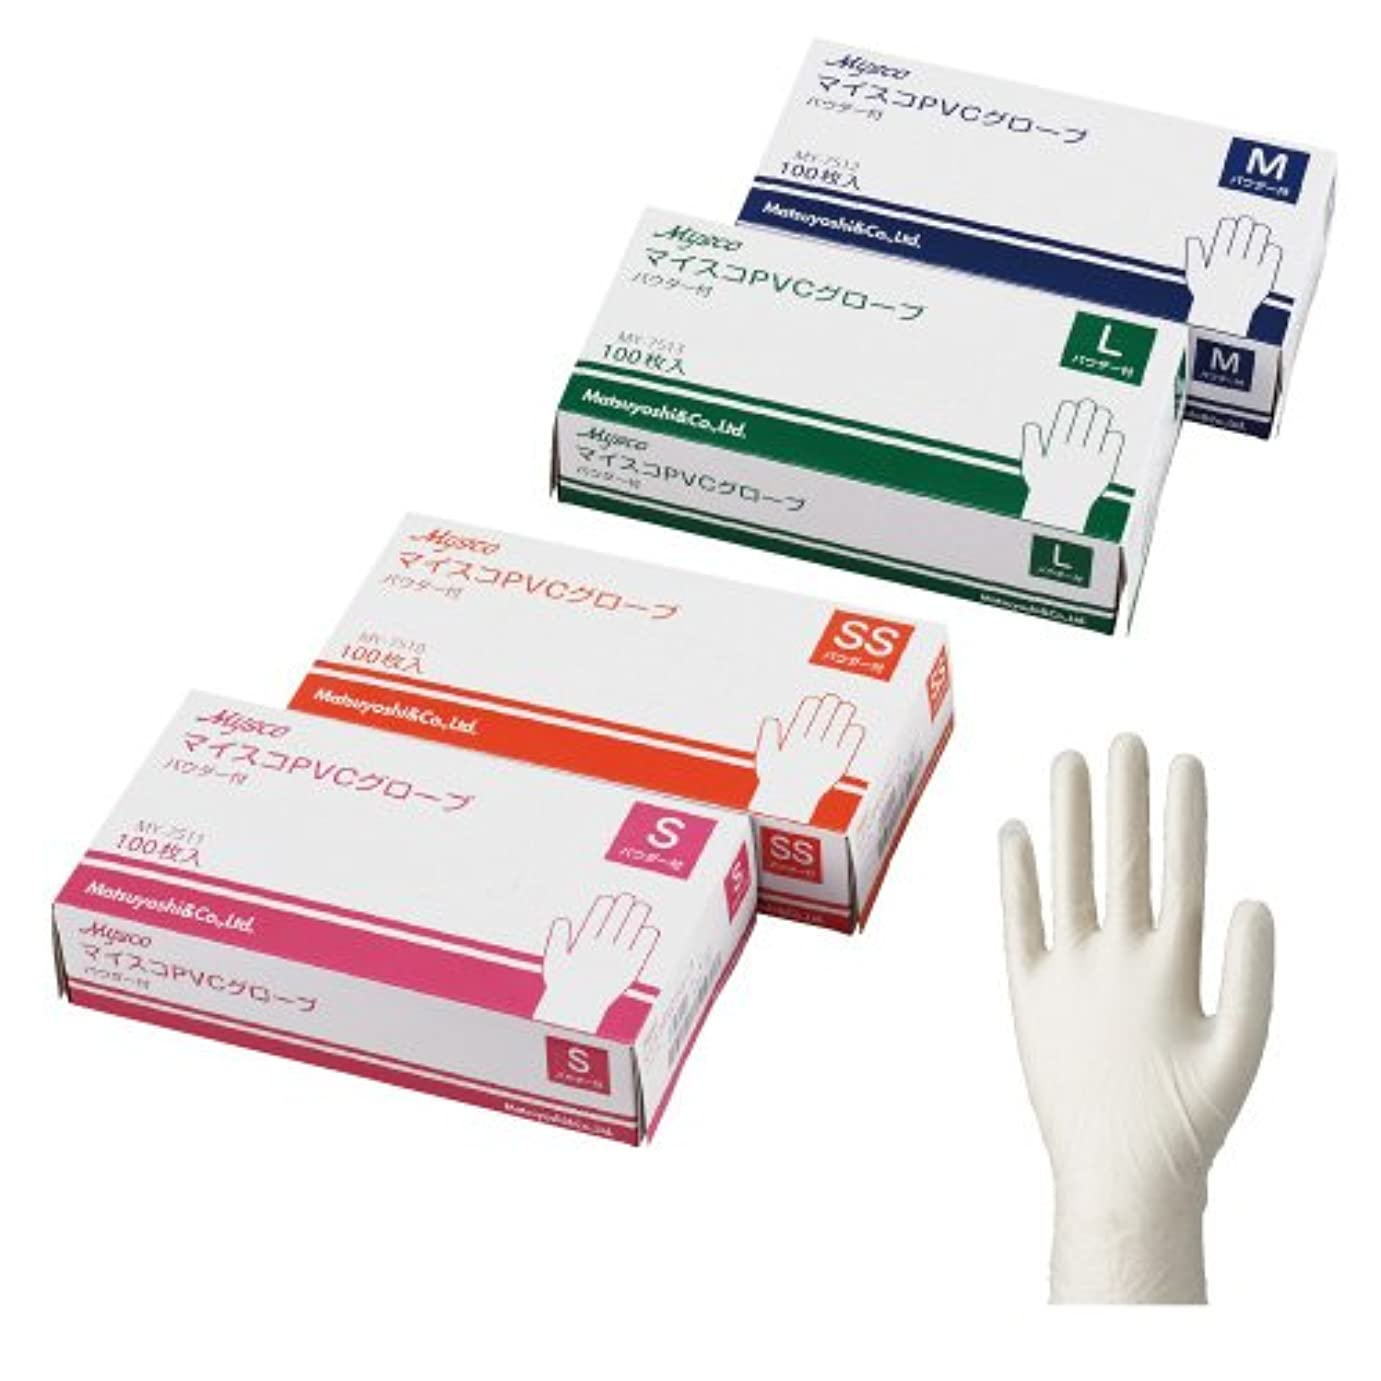 癒す奨励セッティングマイスコPVCグローブパウダー付き6ケース(600枚) (L)